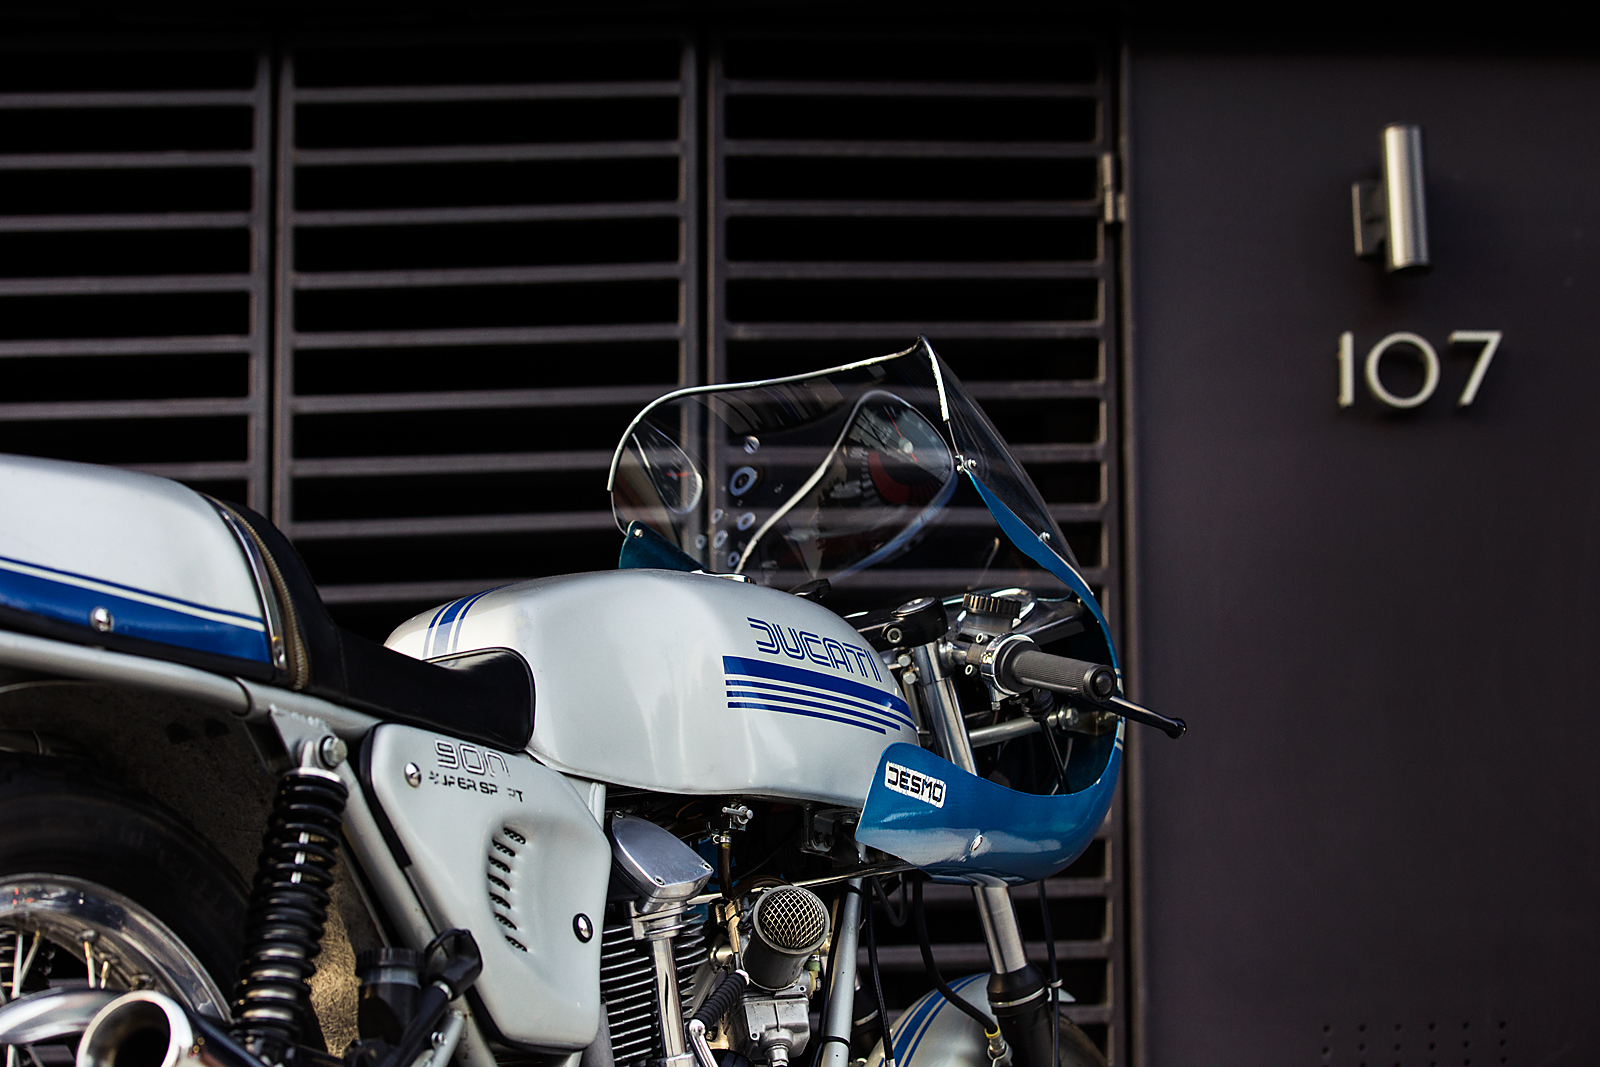 1977 Ducati 900SS tank